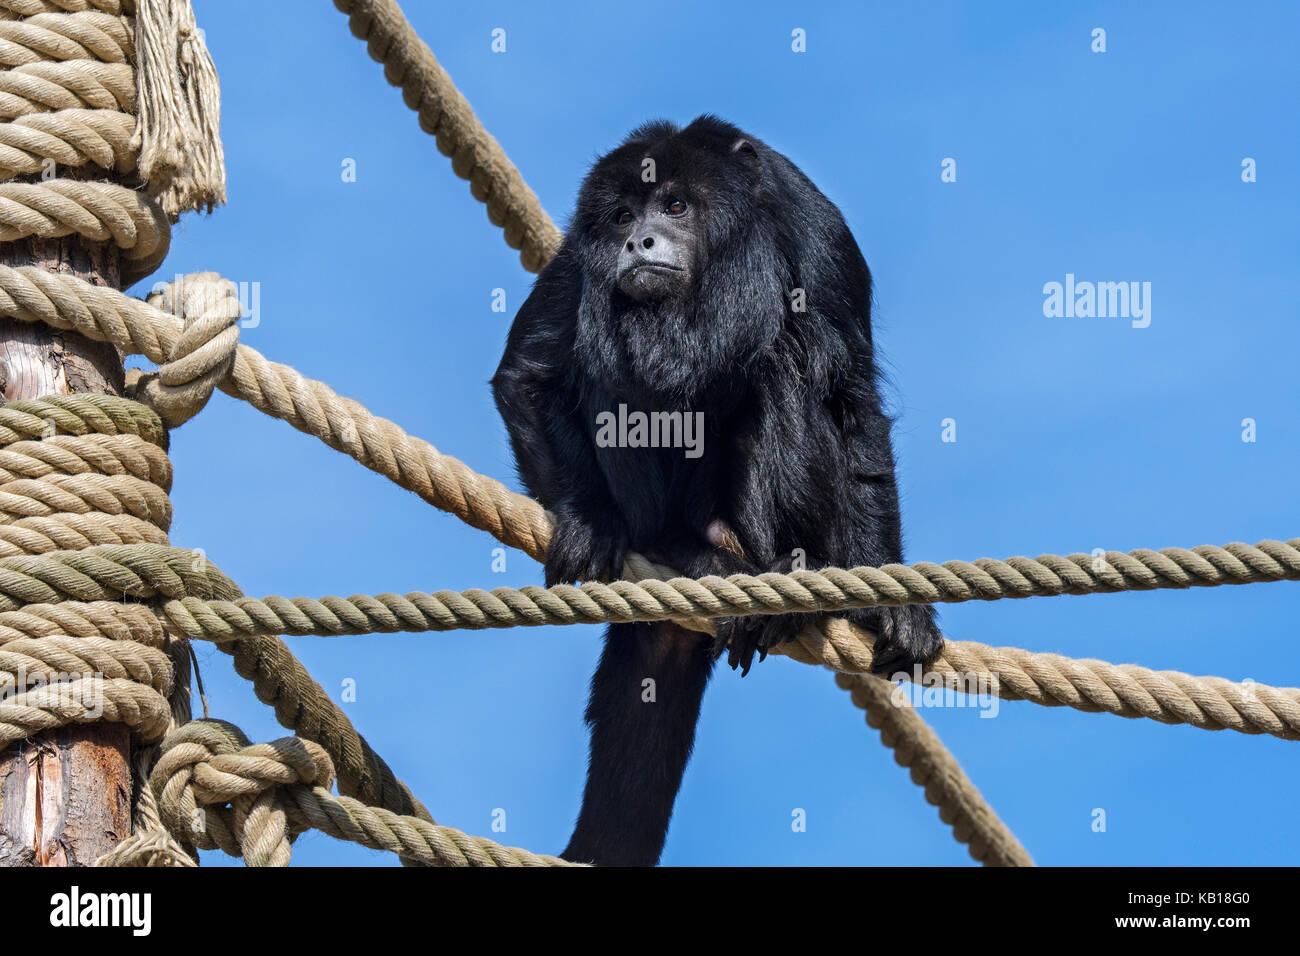 Nero scimmia urlatrice / nero-e-gold howler (Alouatta caraya) maschio in cattività originario del sud america Immagini Stock